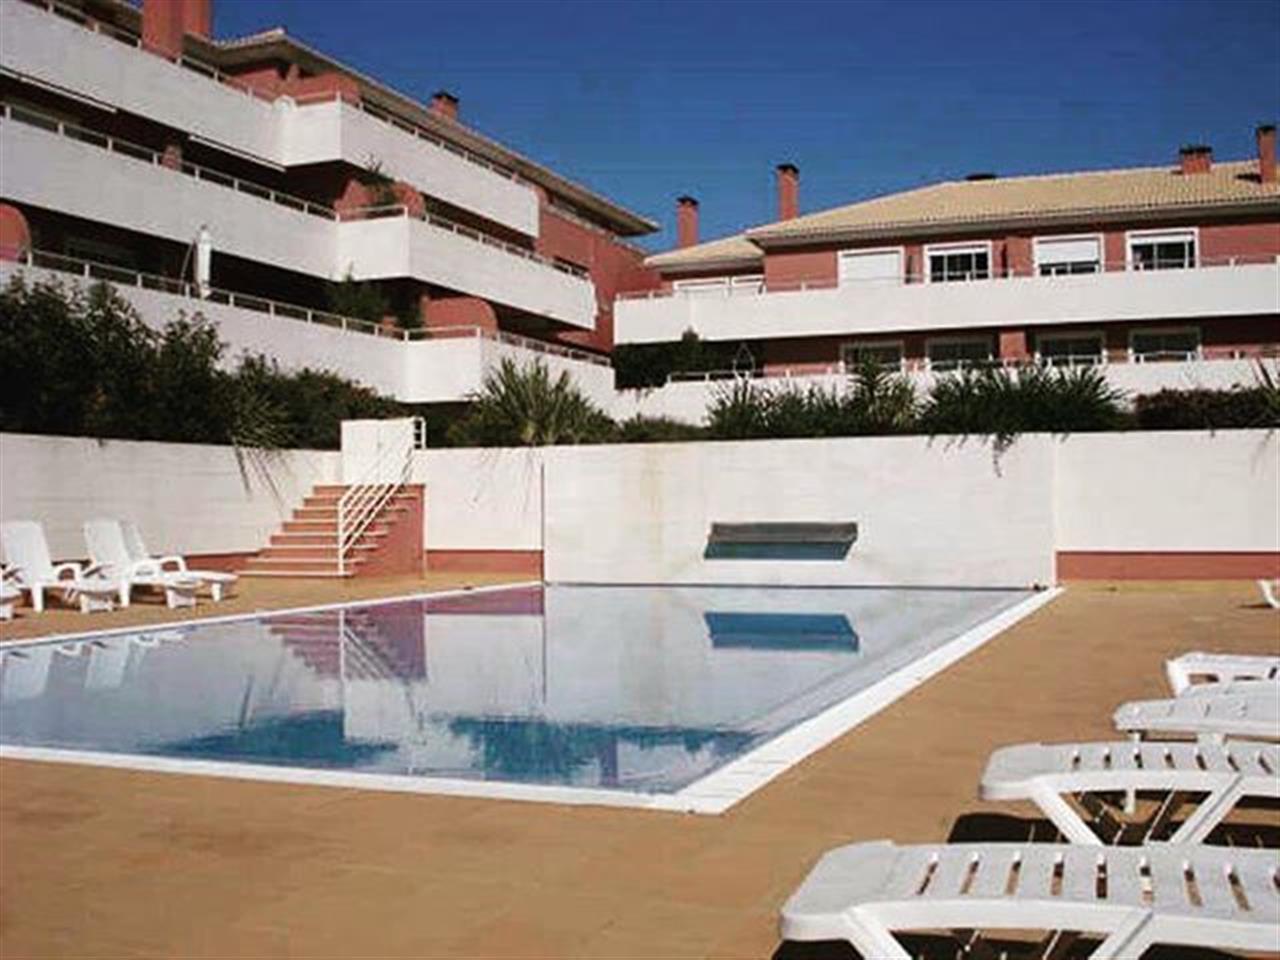 Setembro pede um ·ltimo mergulho! Veja tudo em: www.ins.pt | Ref. VC1690 #insrealestateportugal #cascais #lisbon #portugal #pool #lastsummerdays #leadingrelocal